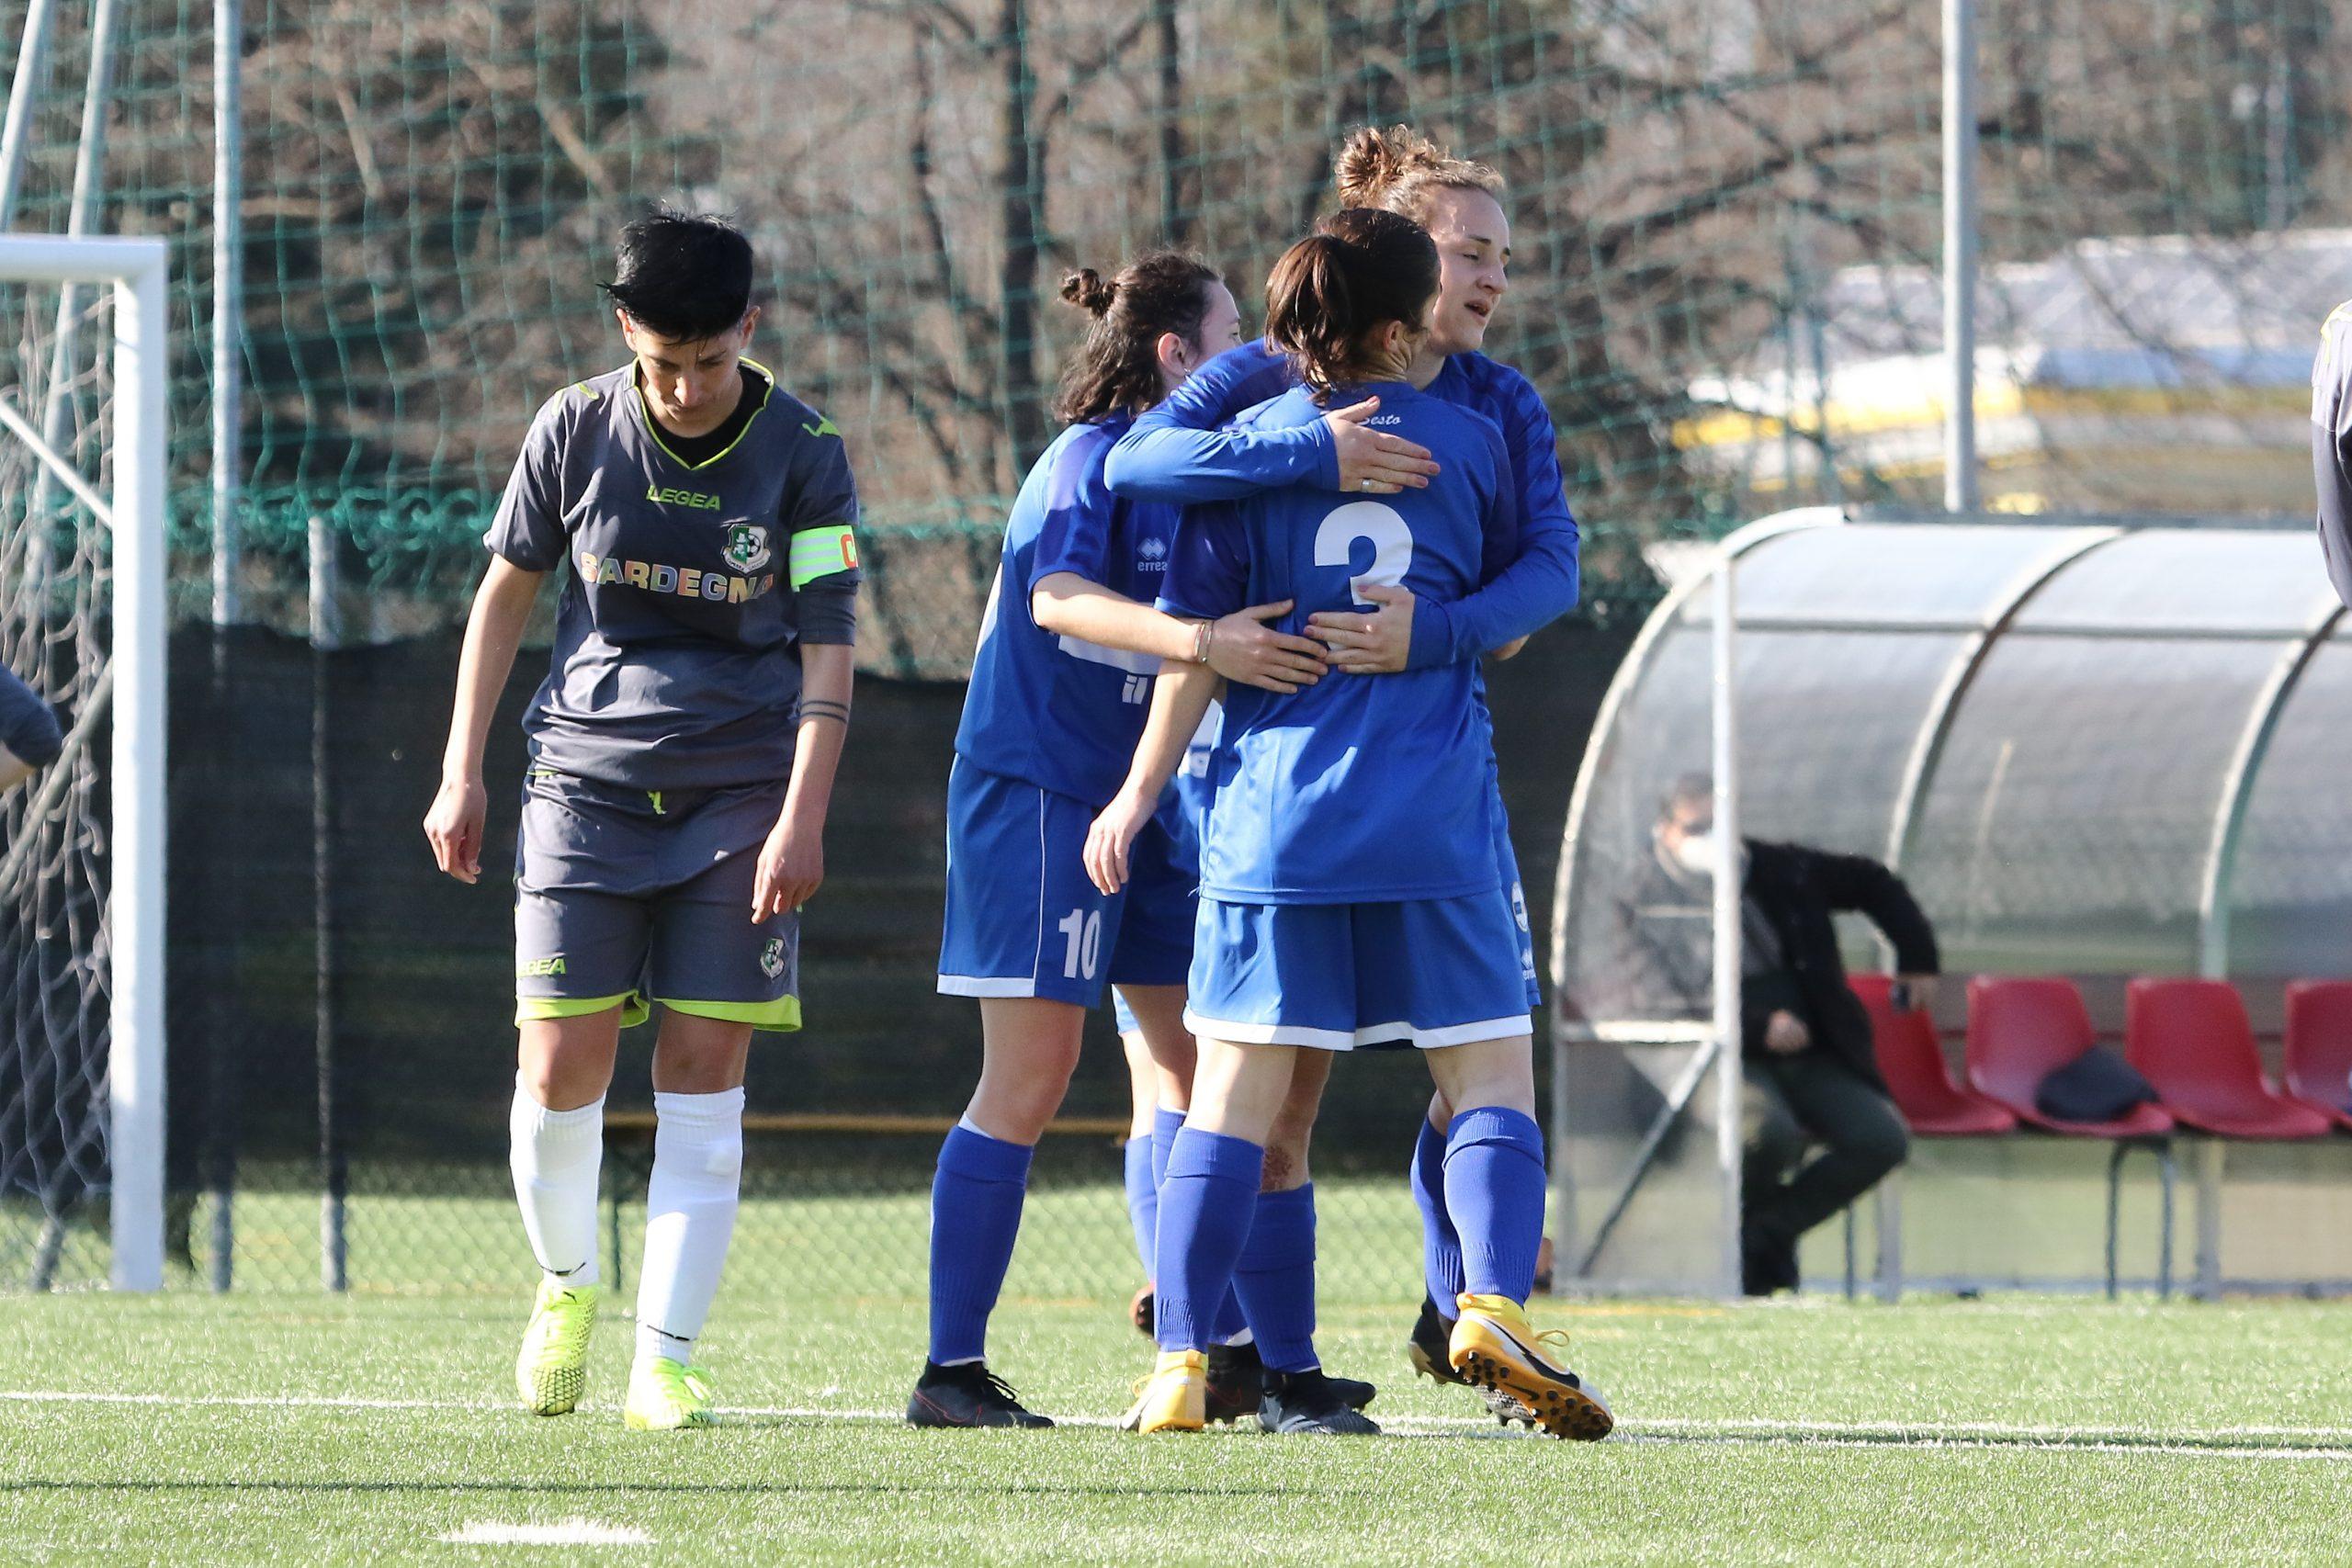 La Pro Sesto femminile vola anche in Serie C, Carlucci: 'Avanti così'